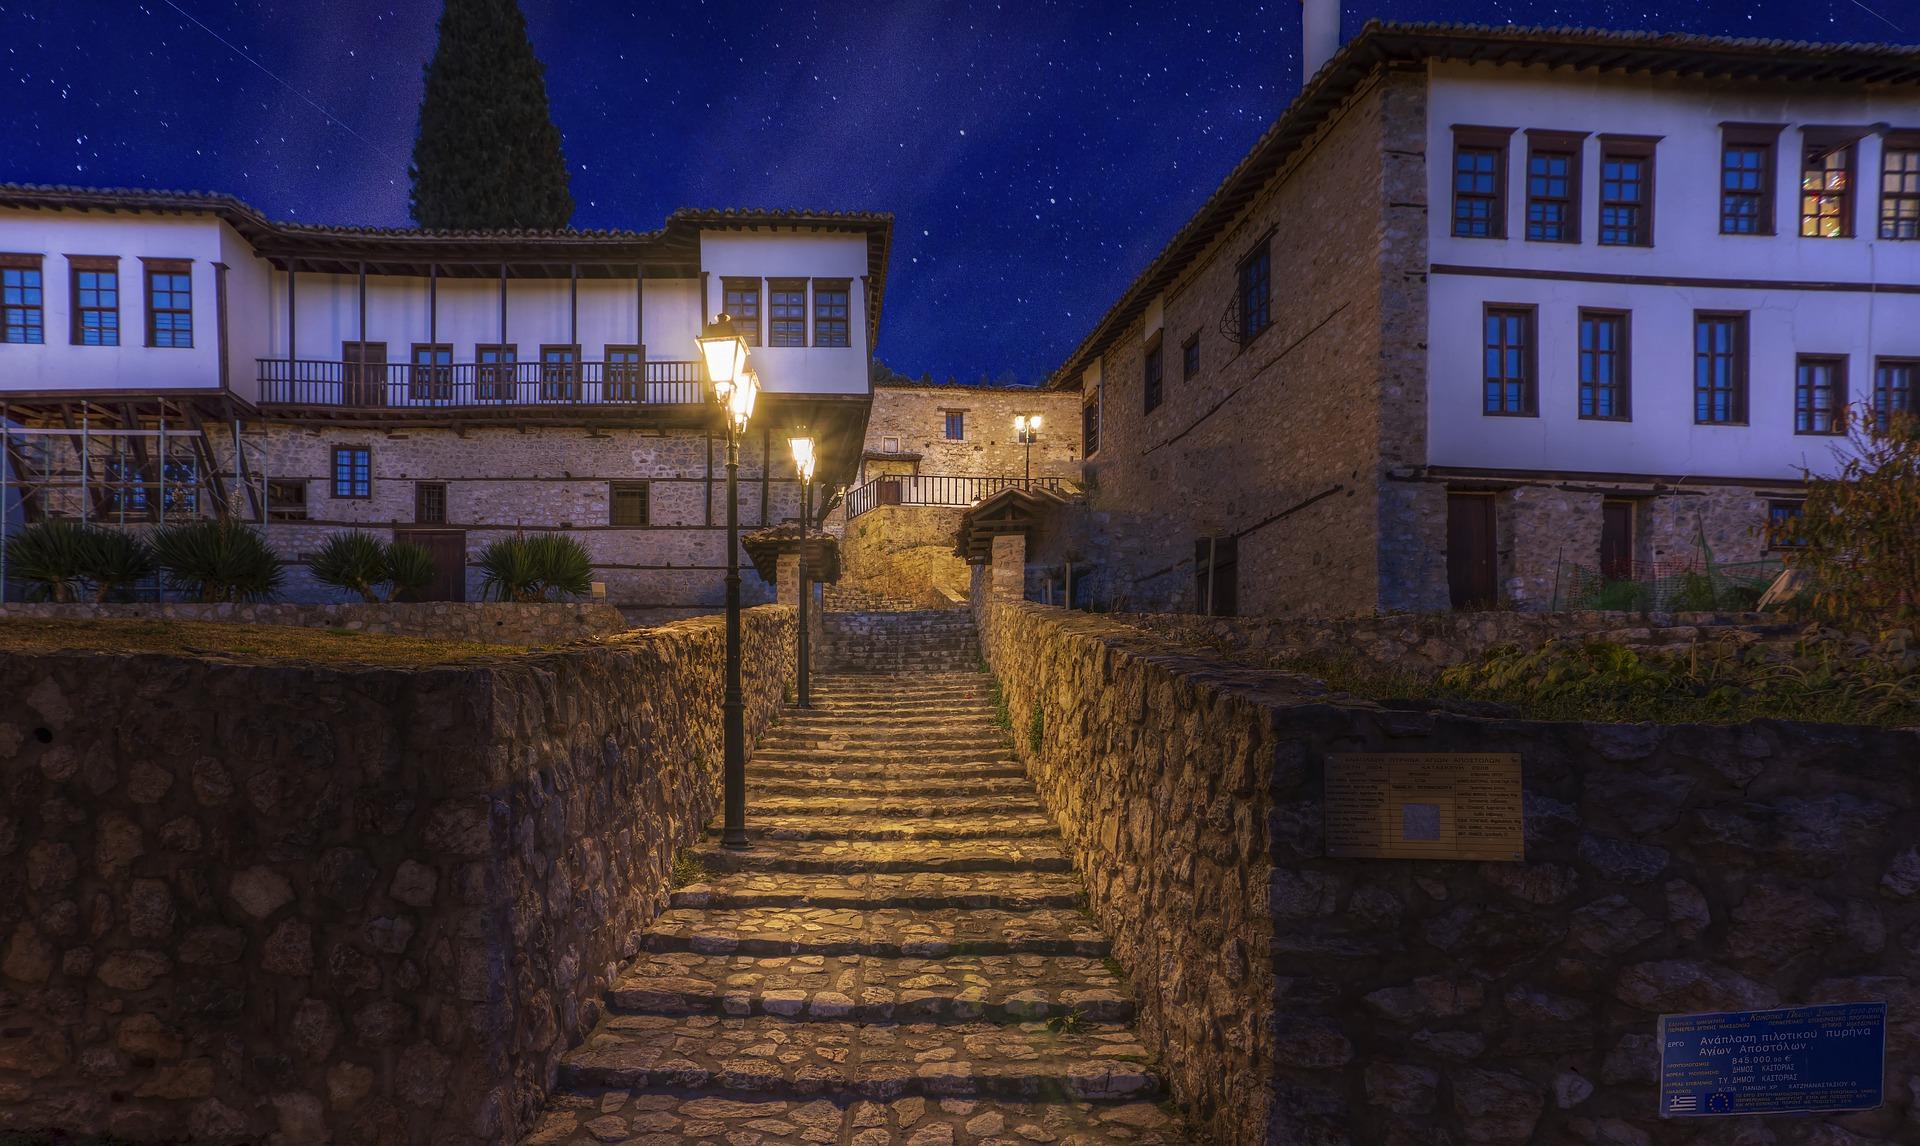 old houses © ioannis ioannidis